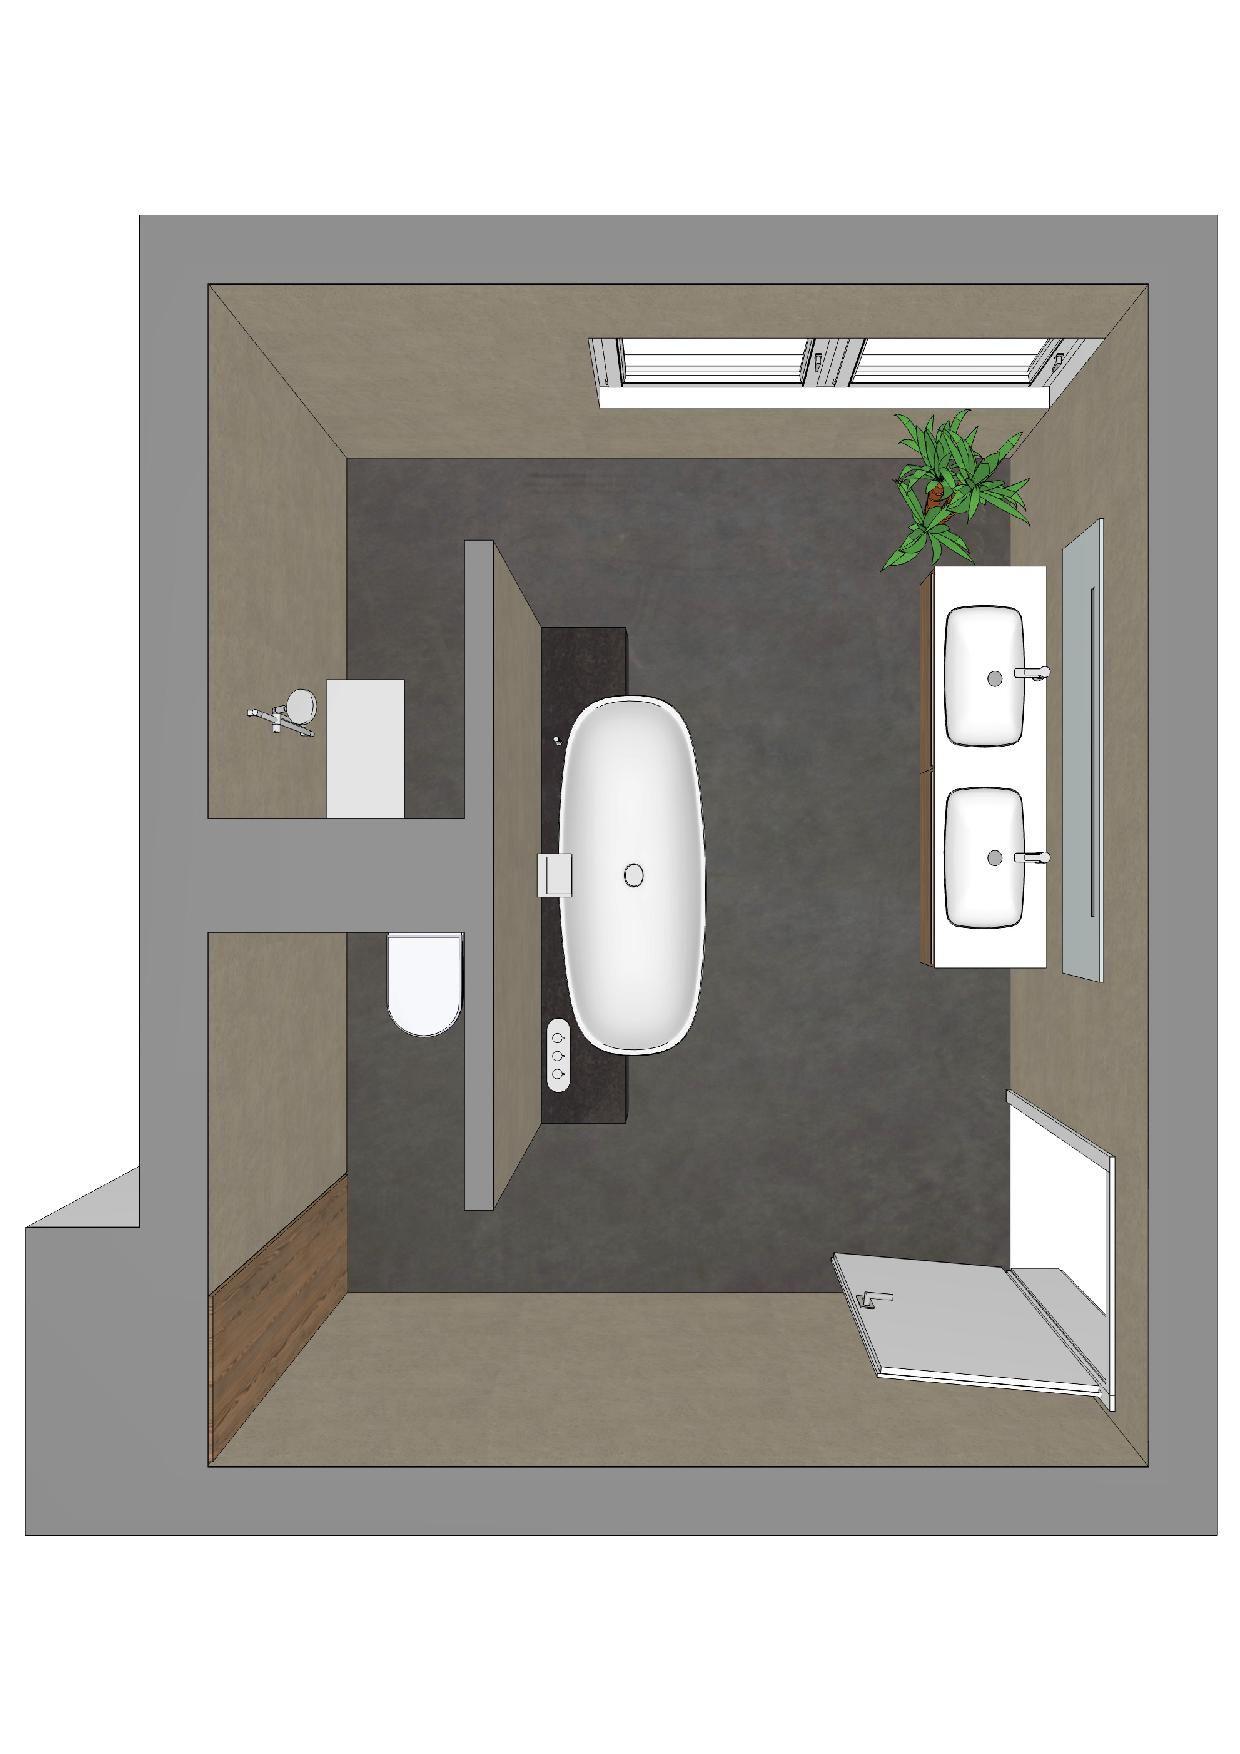 Badezimmerplanung Mit T Losung Badezimmer Badezimmerideen Bad Inspiration